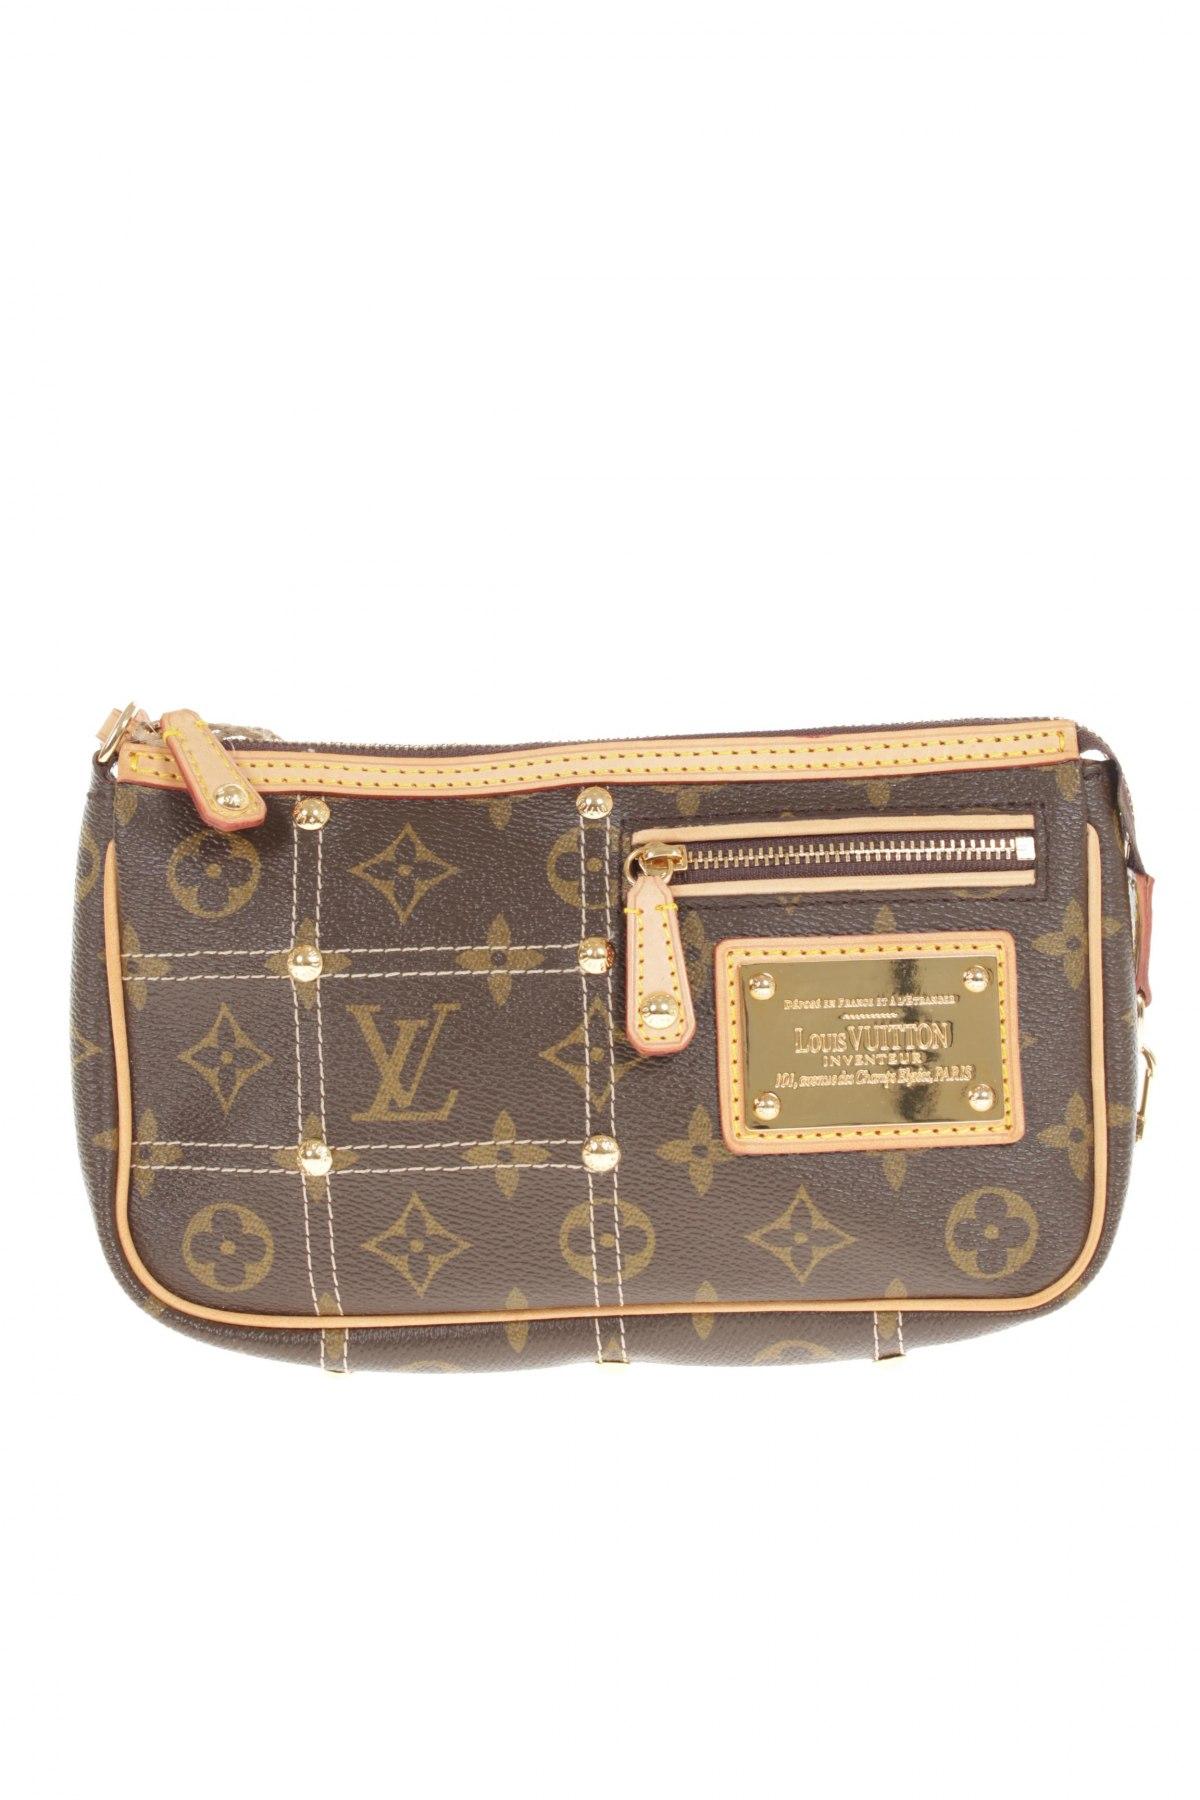 b2c4f209c4f76 Damska torebka Louis Vuitton - kup w korzystnej cenie na Remix ...